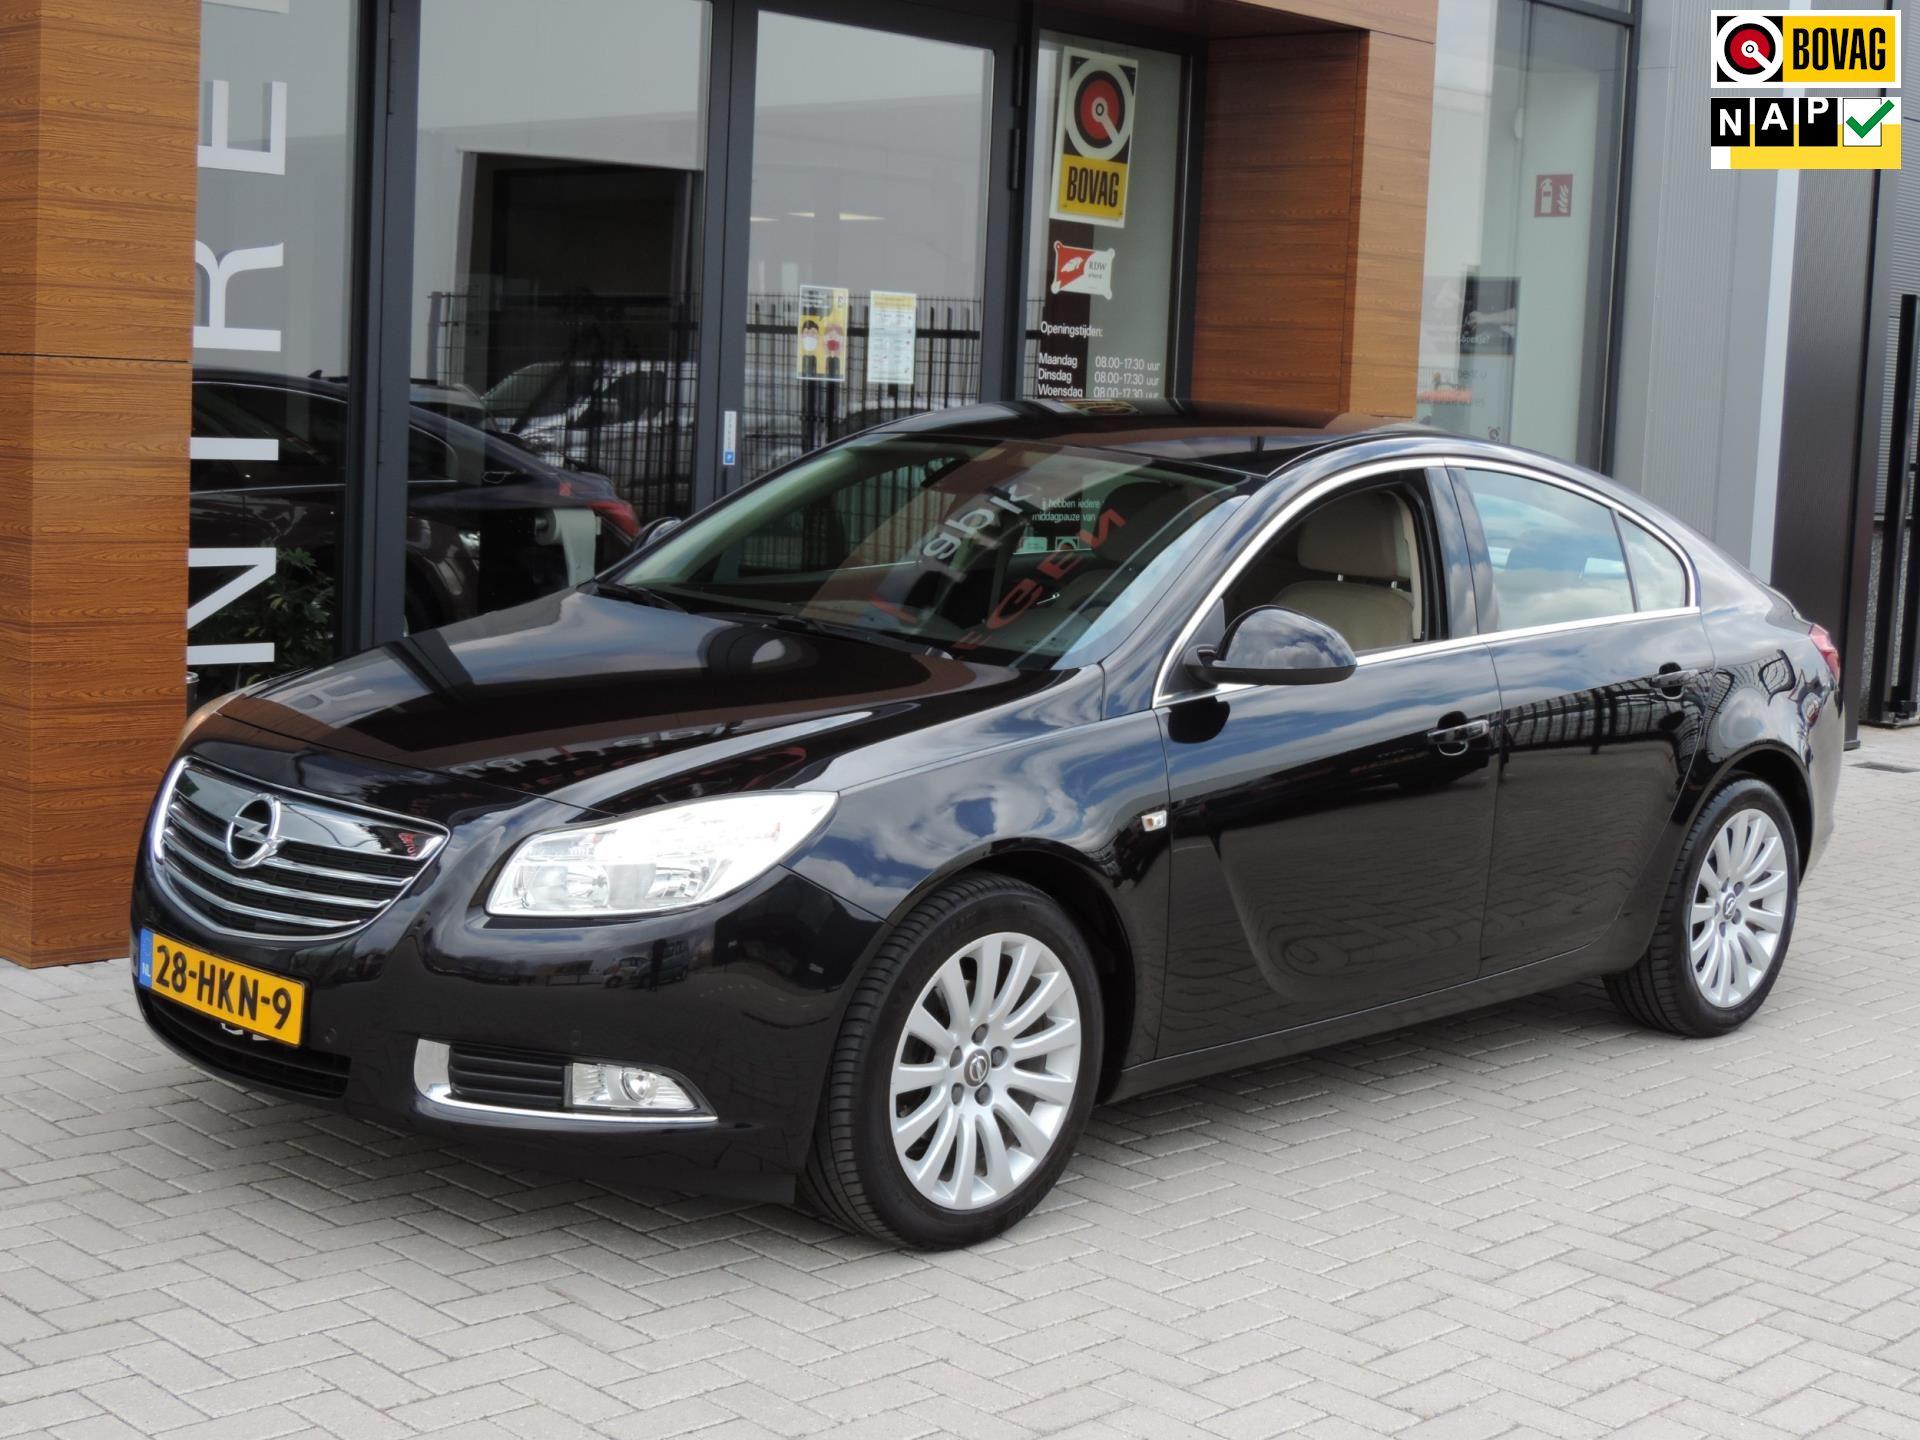 Opel Insignia occasion - Autobedrijf van Meegen